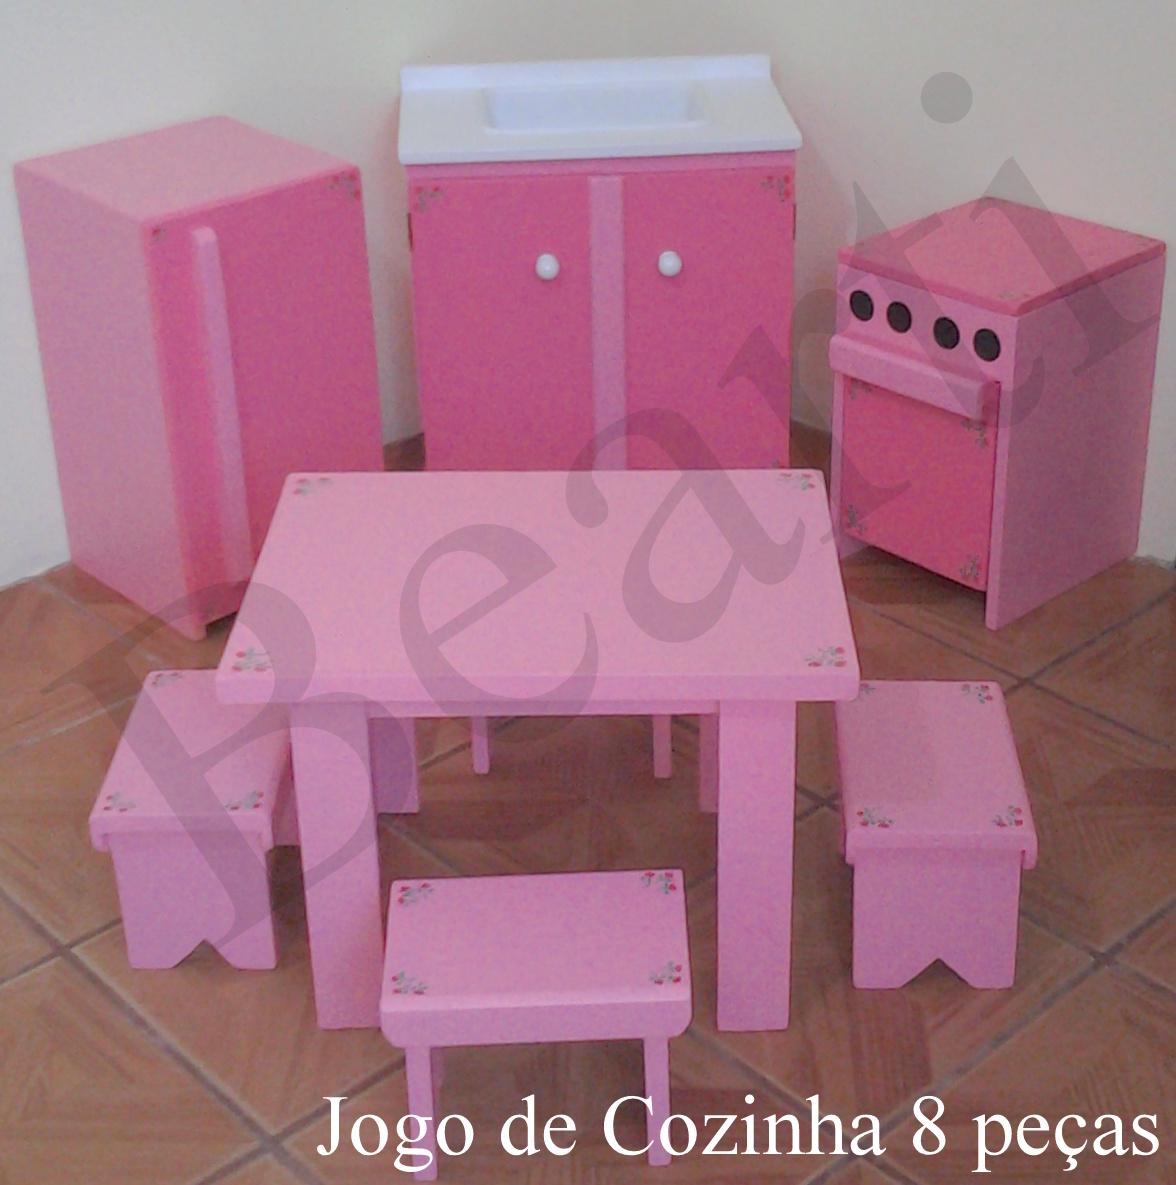 casinha de boneca 2 0 x 2 0 moveis 8pc casa de boneca.jpg #8F3C5F 1176x1185